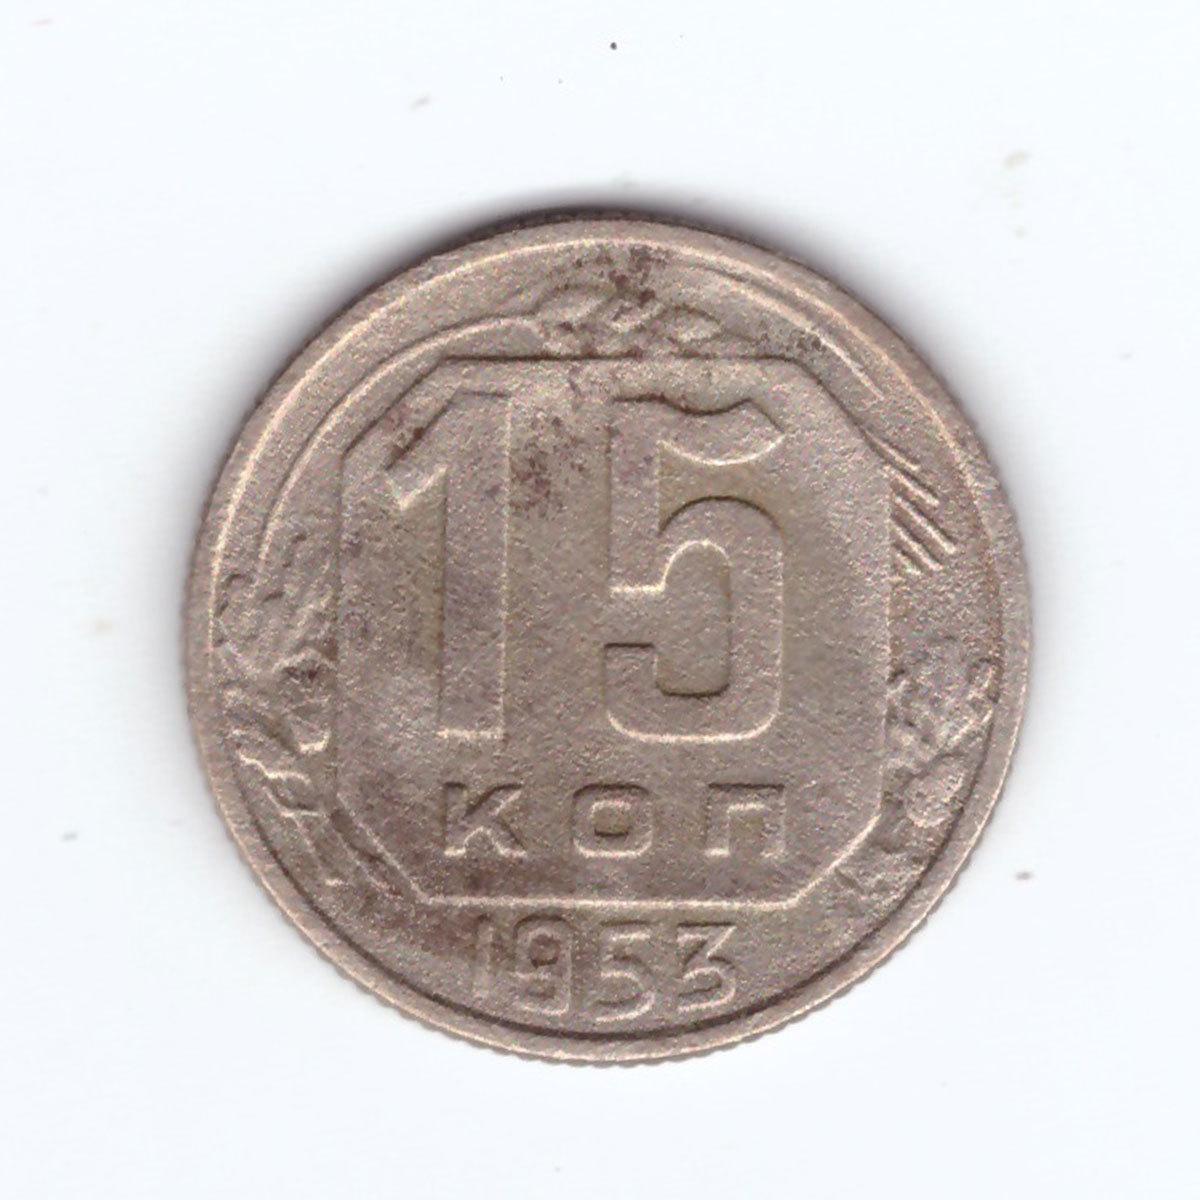 15 копеек 1953 года. VG